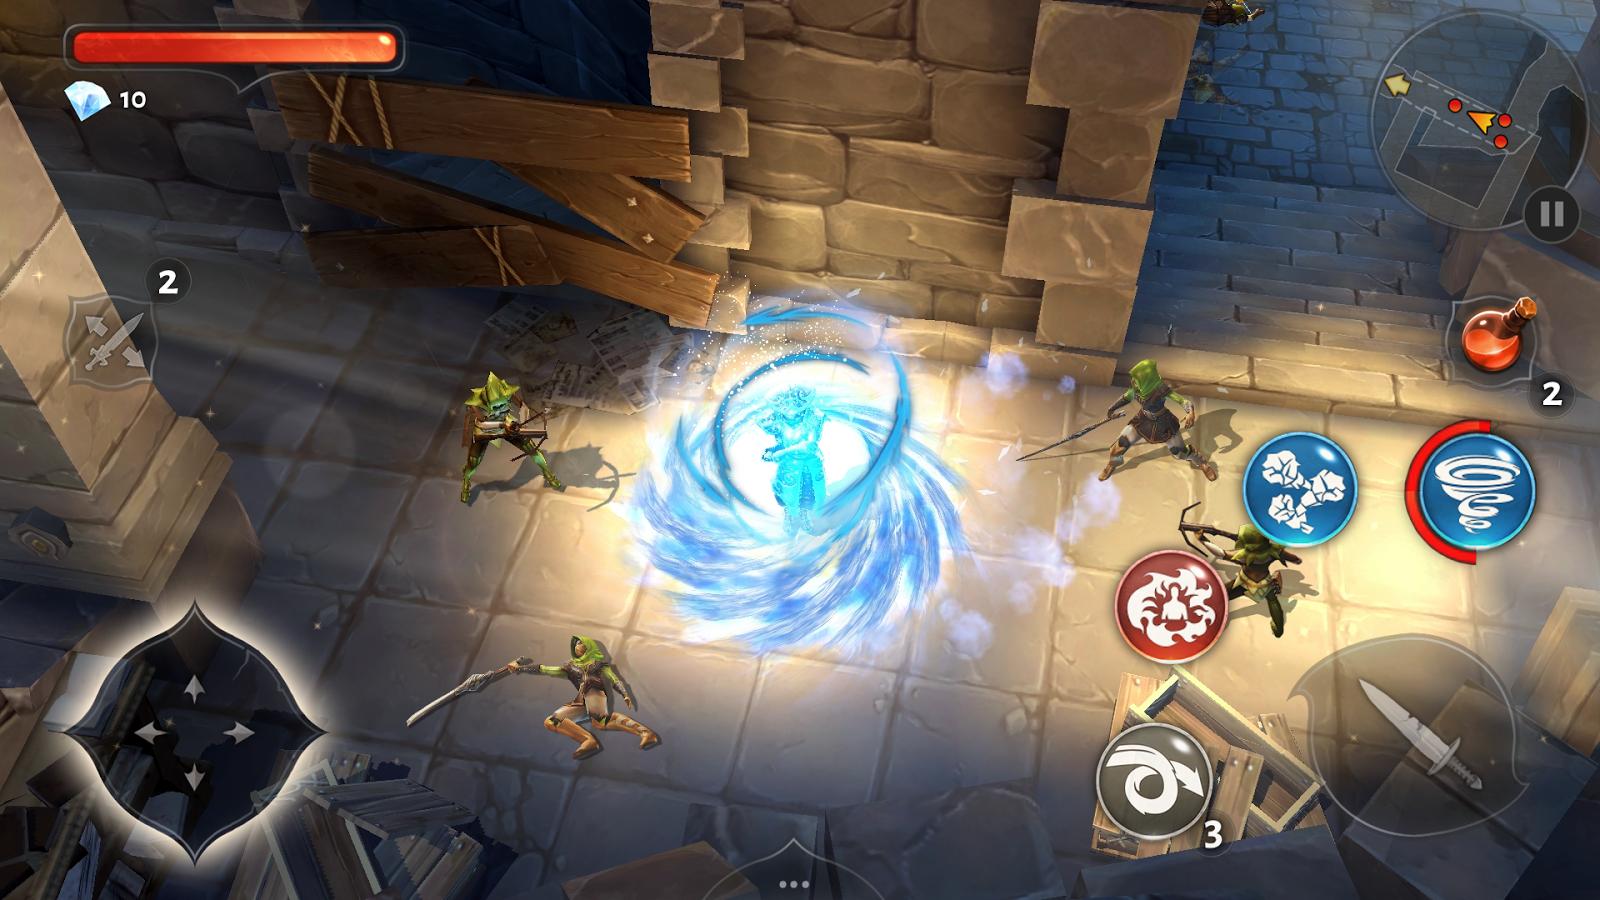 download game demon hunter apk mod